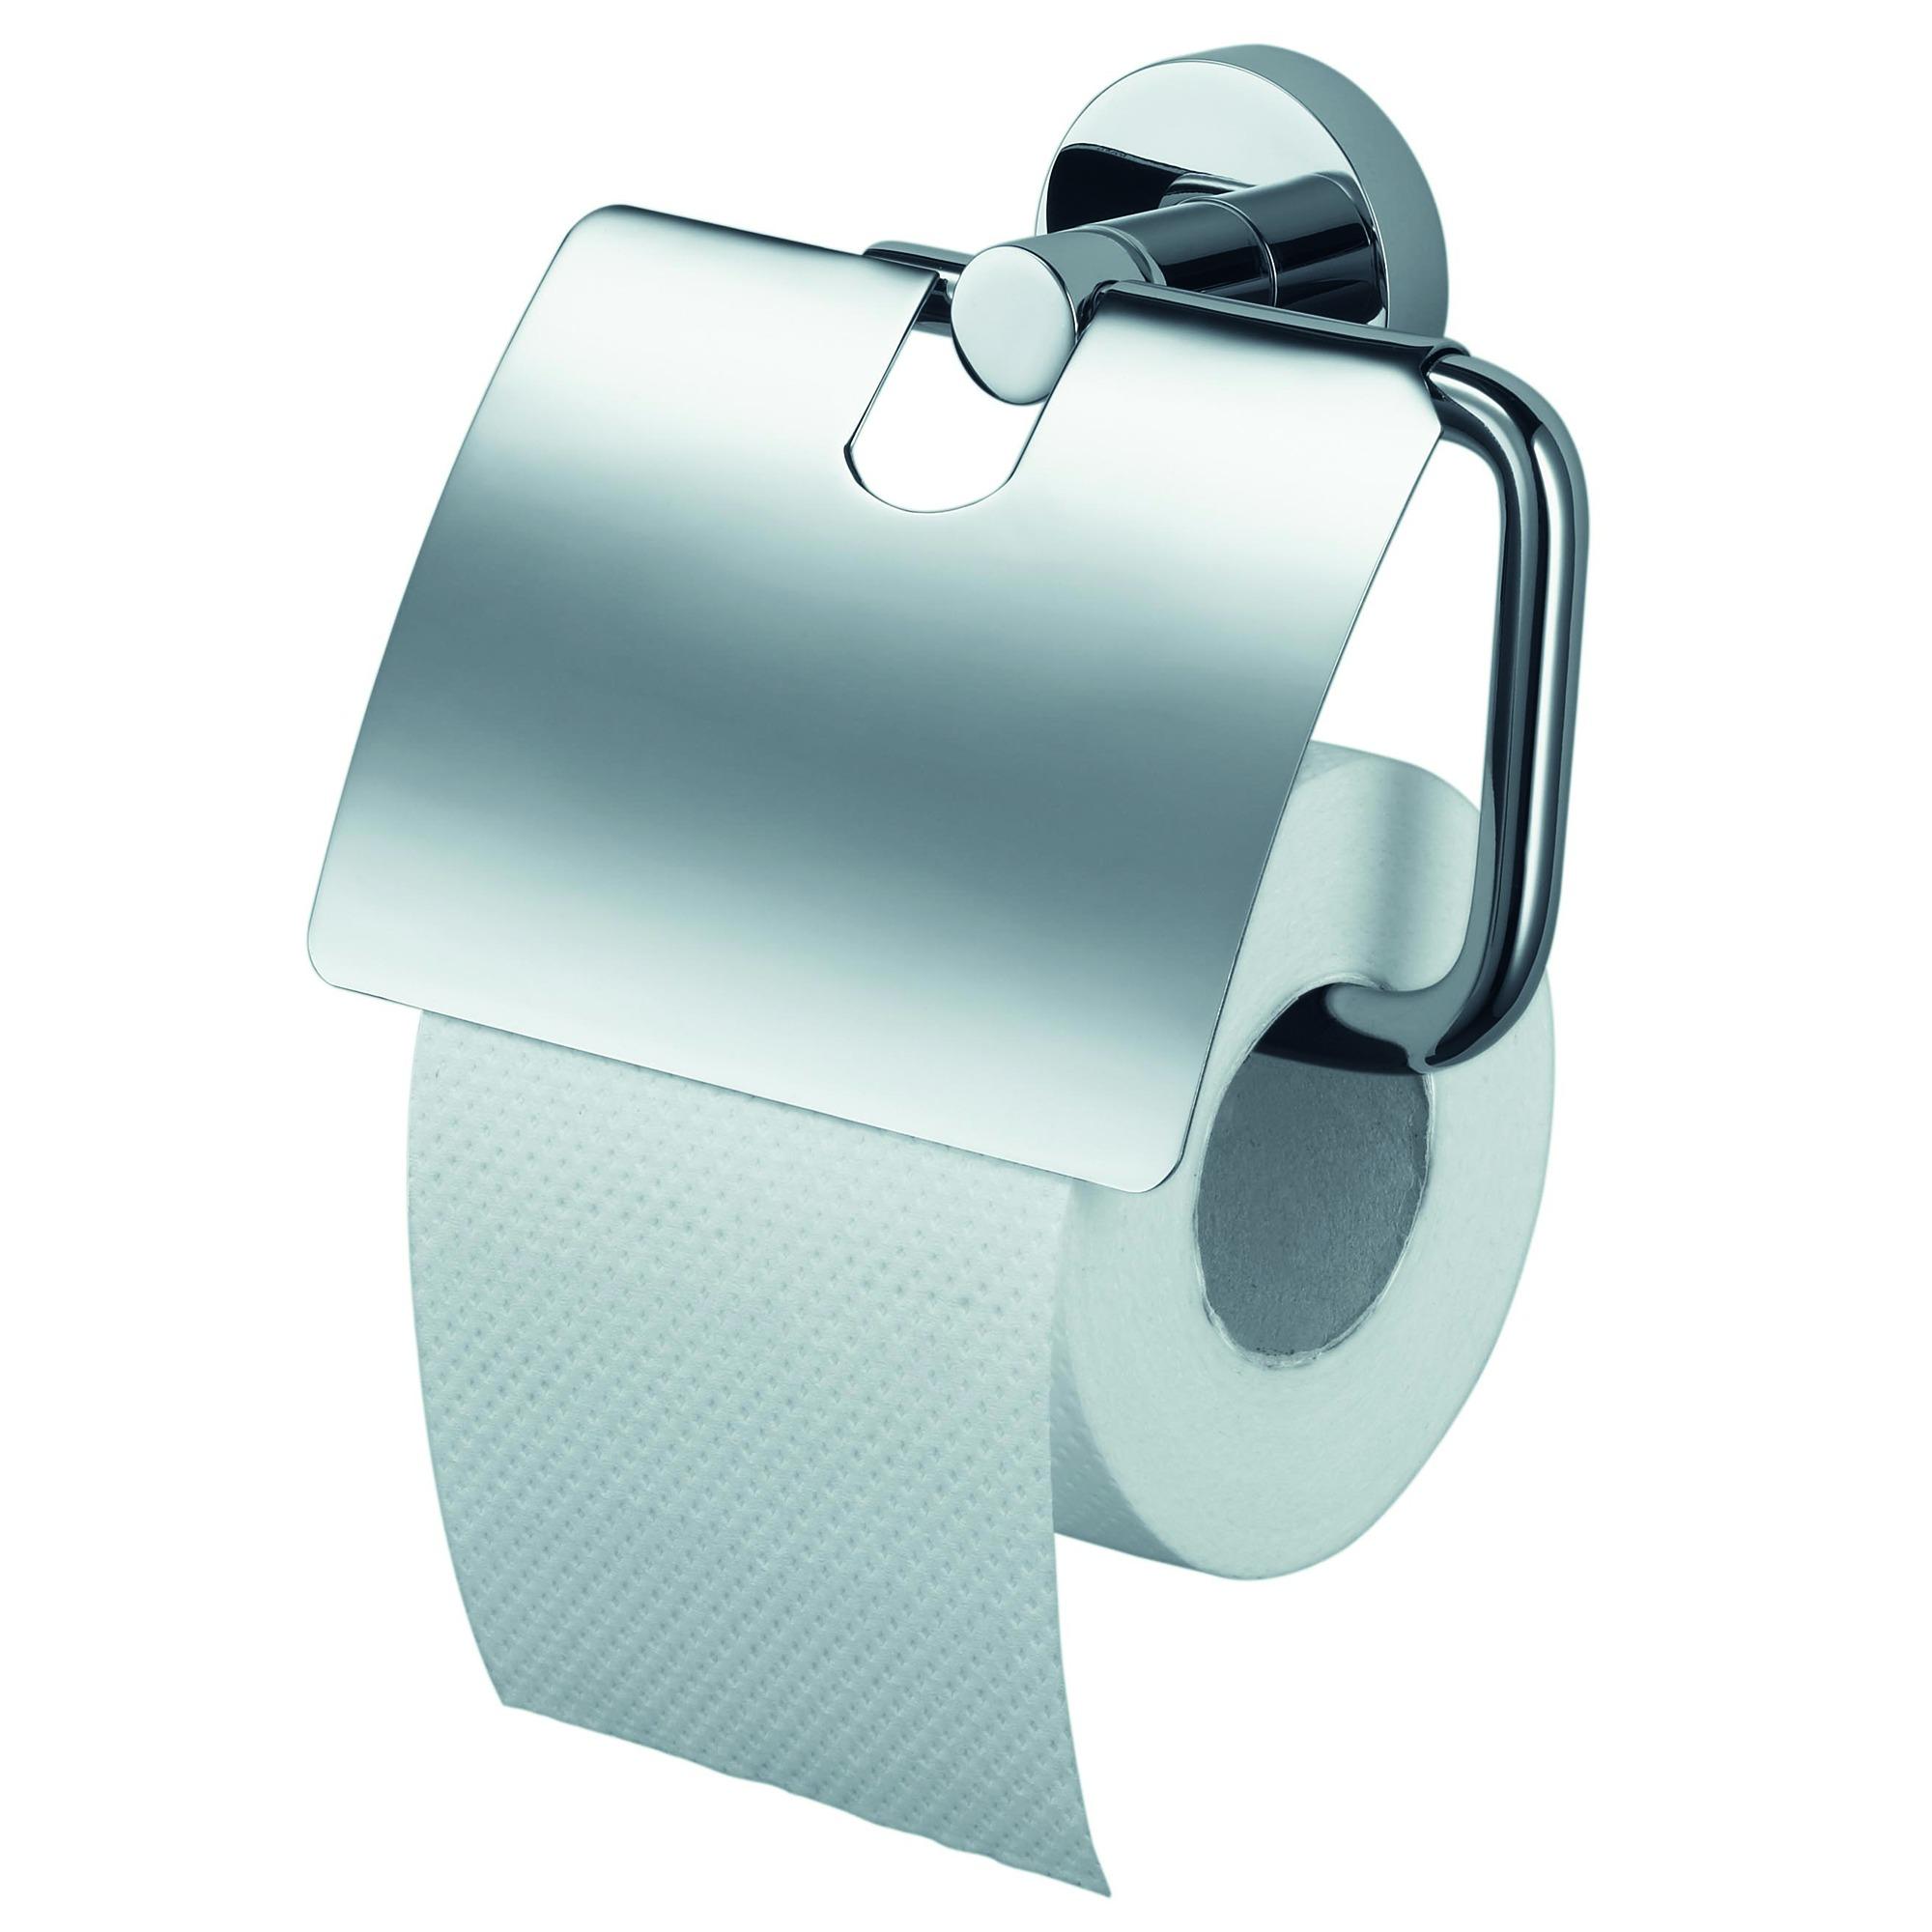 Haceka Kosmos chroom toiletrolhouder met klep